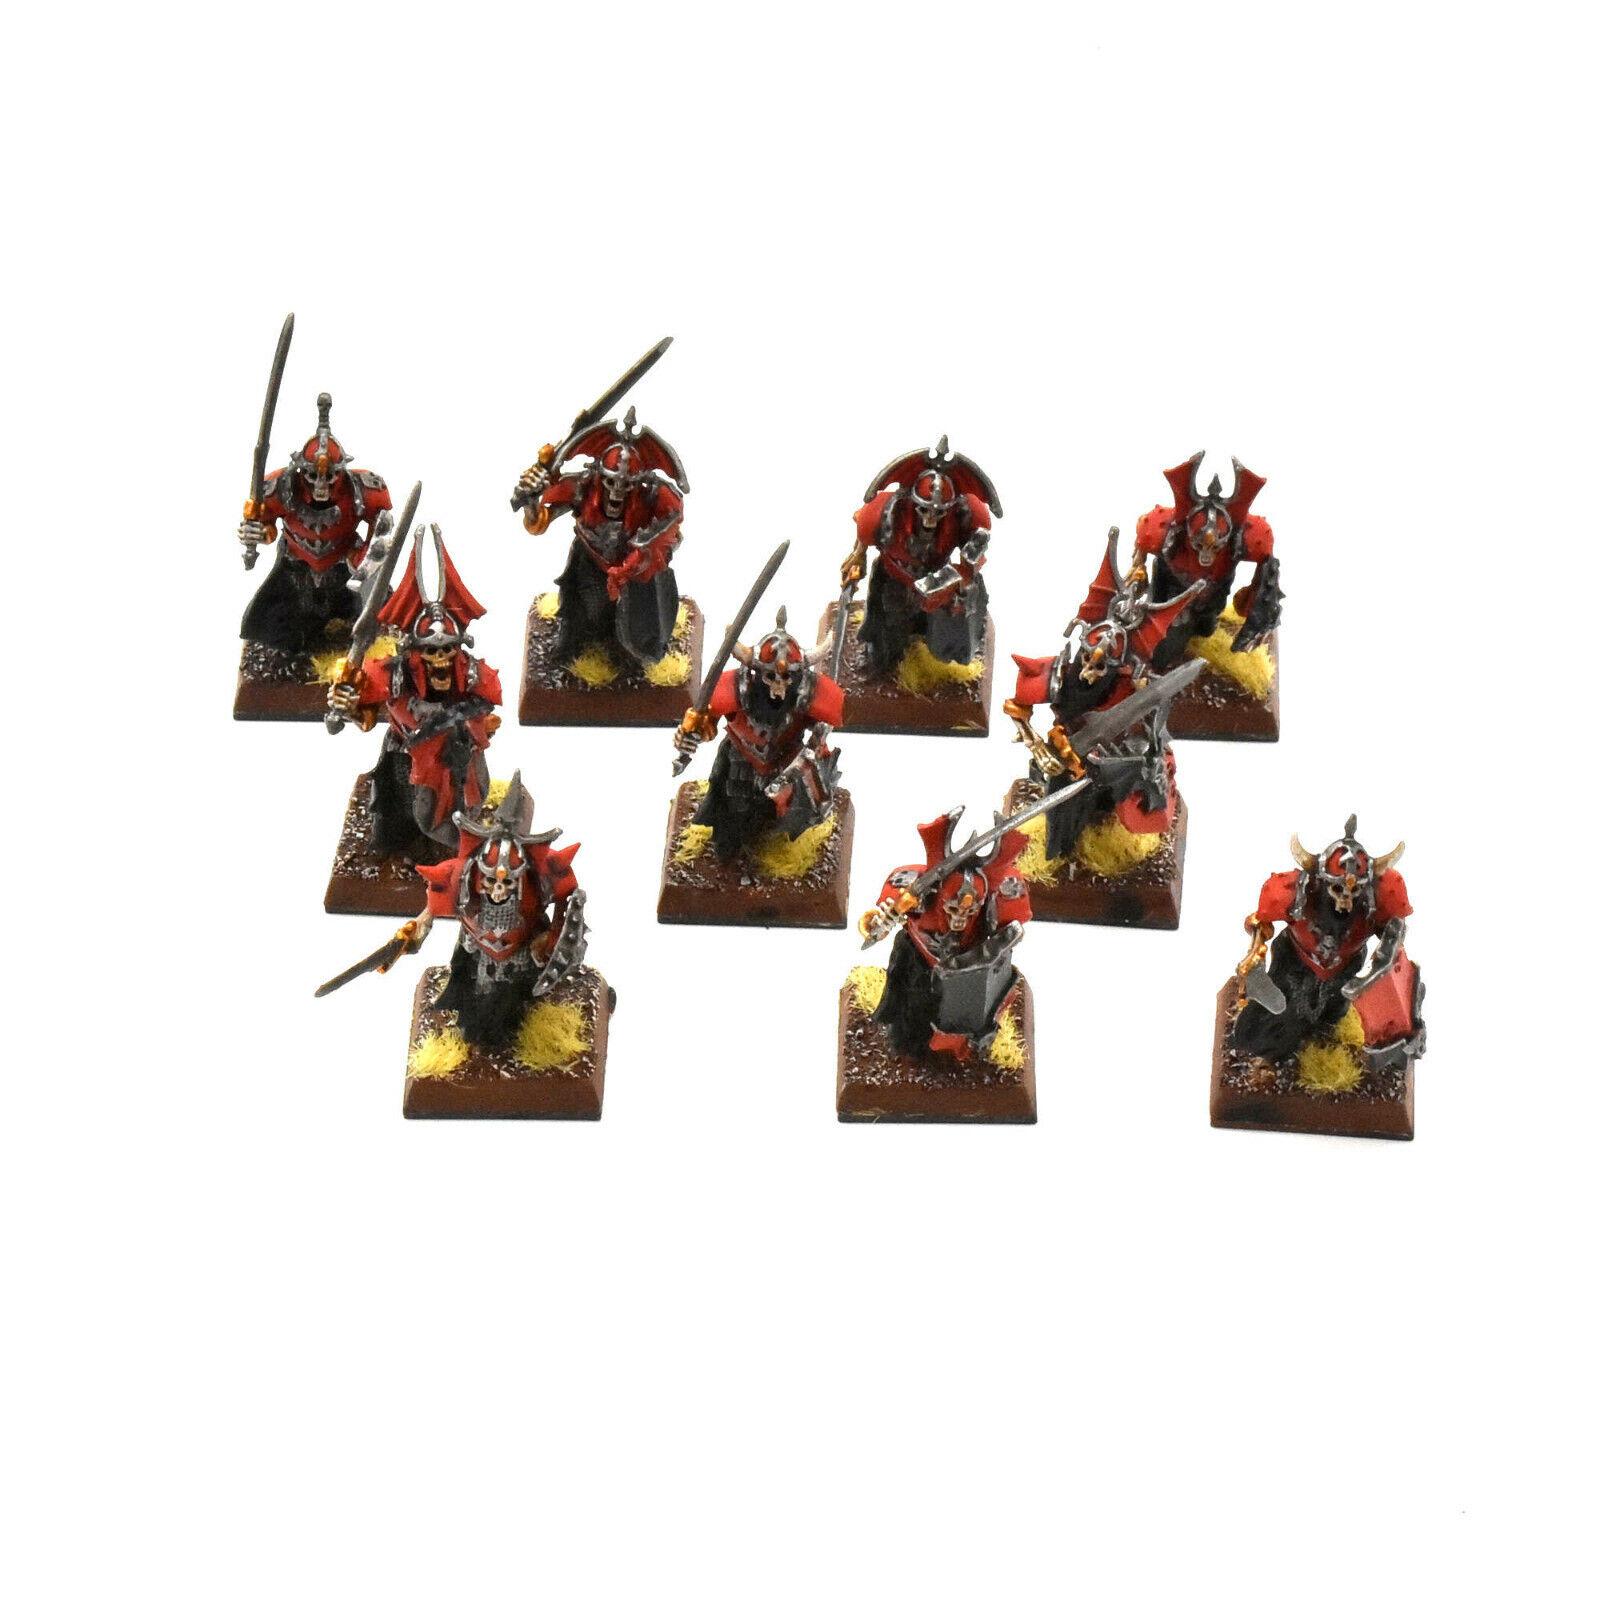 VAMPIRE COUNT 10 guardie gravi  8 BELL PAINTED fantasyc guard